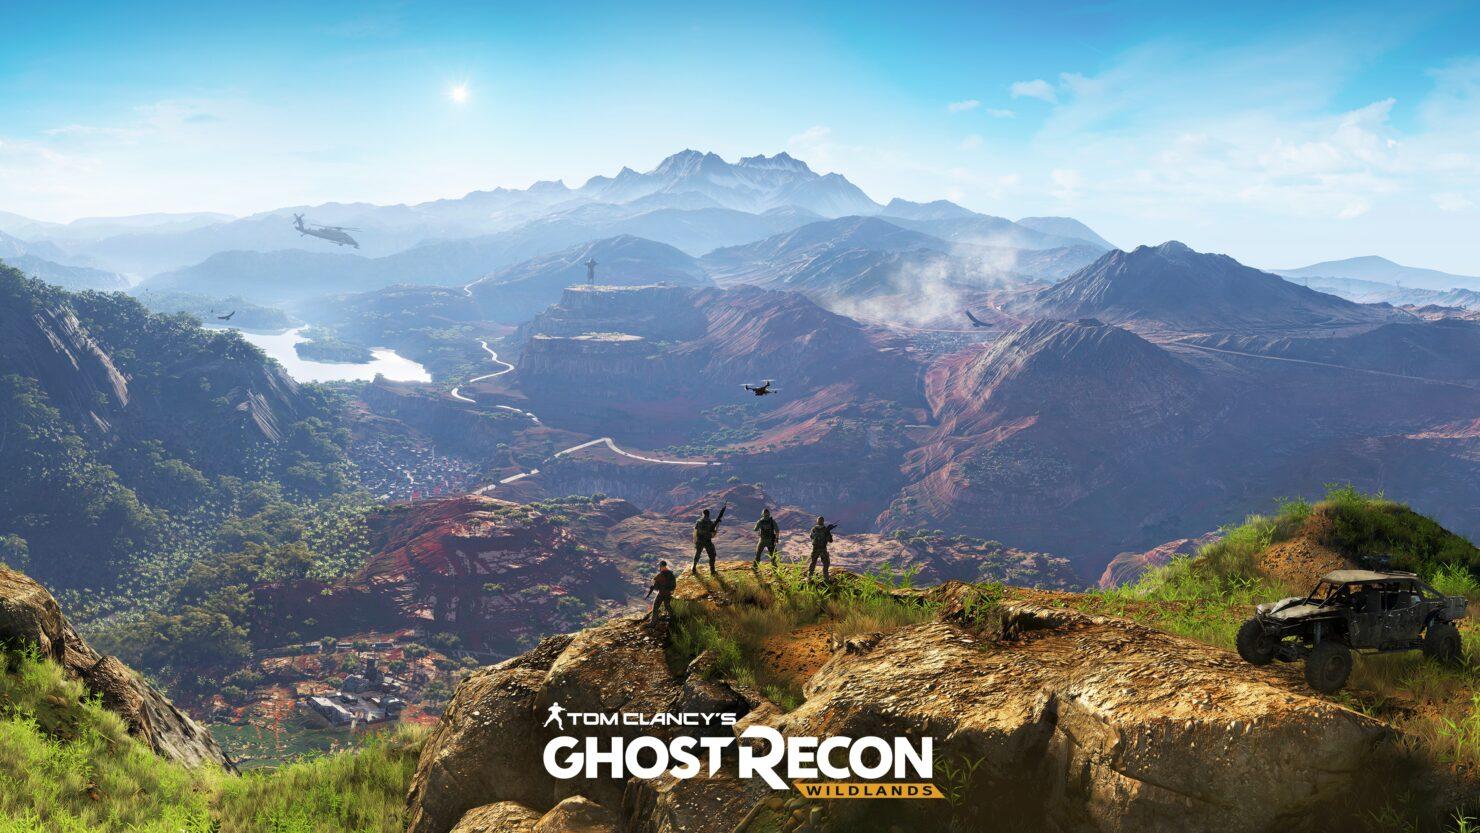 Ghost Recon Wildlands Update 5